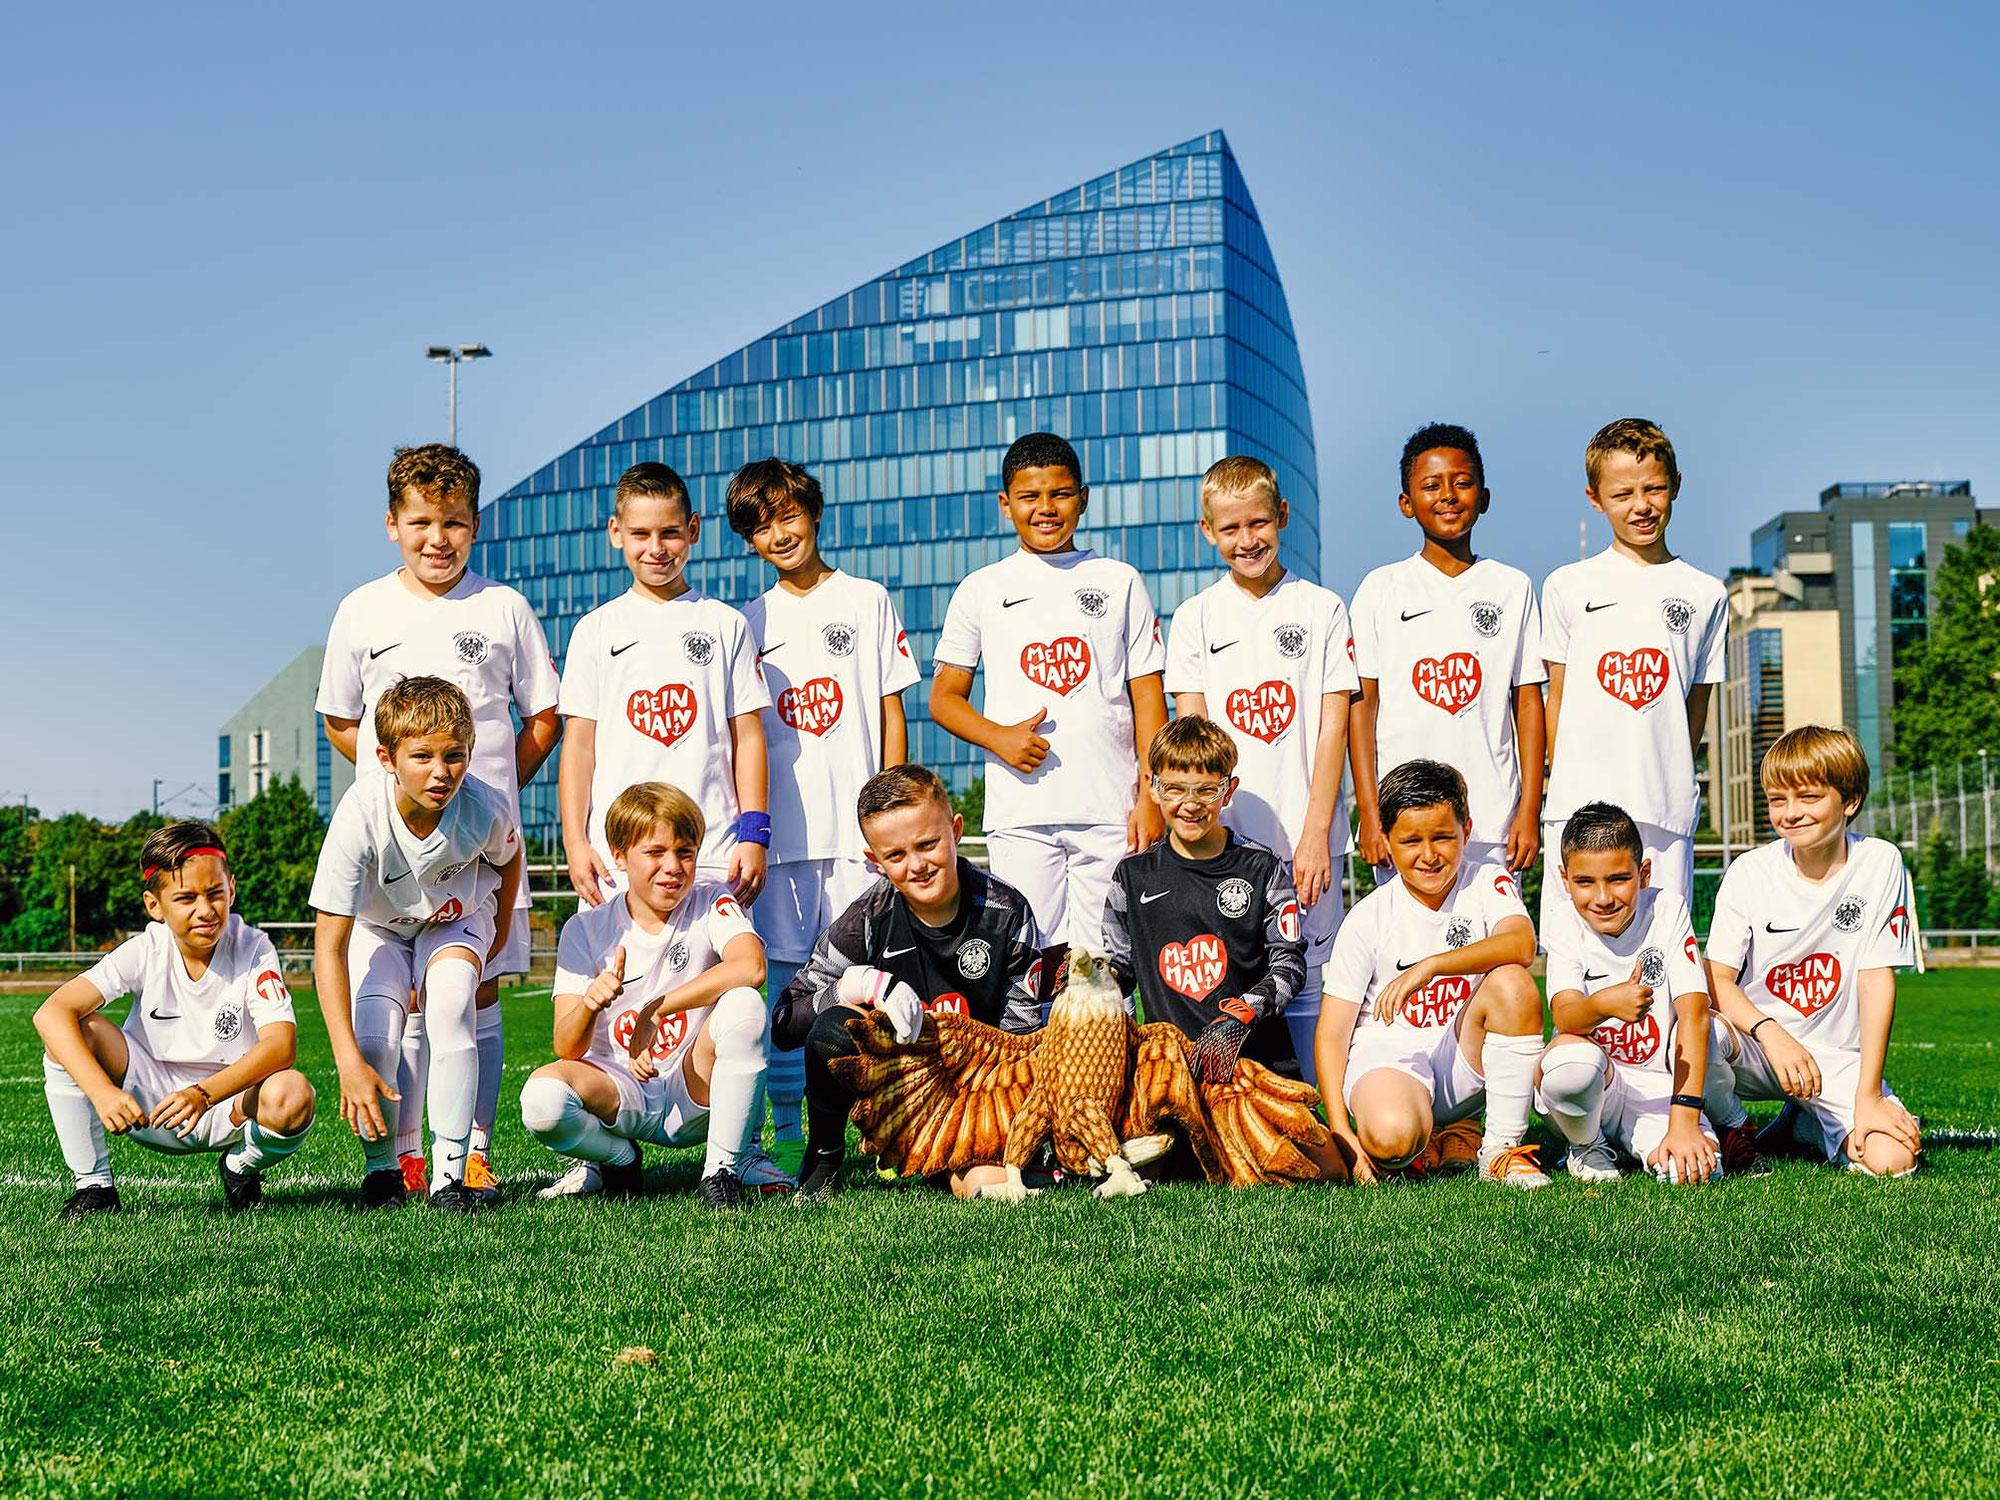 Marke MEIN MAIN® wird Sponsor von Frankfurter Fussballverein